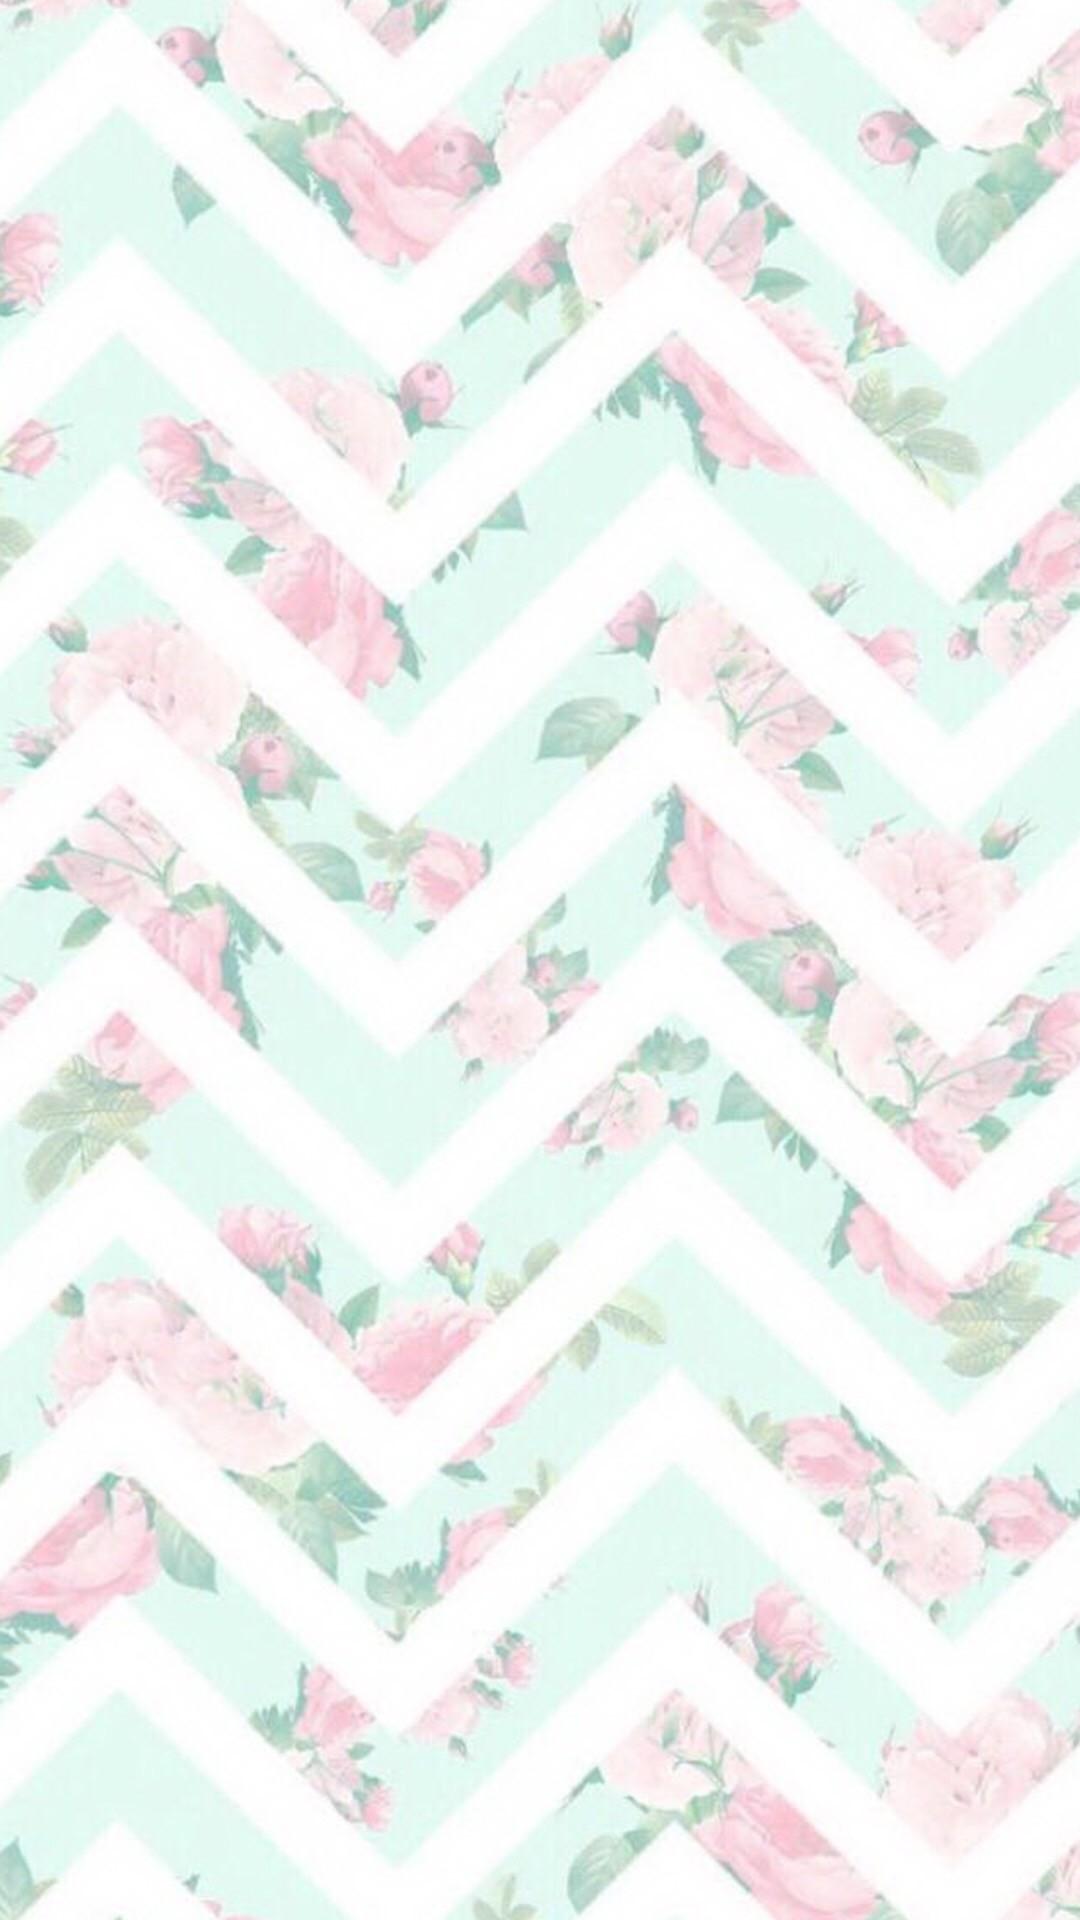 Victoria Secret Wallpaper Iphone 5 Die 85 Besten Blumen Hintergrundbilder F 252 R Tumblr